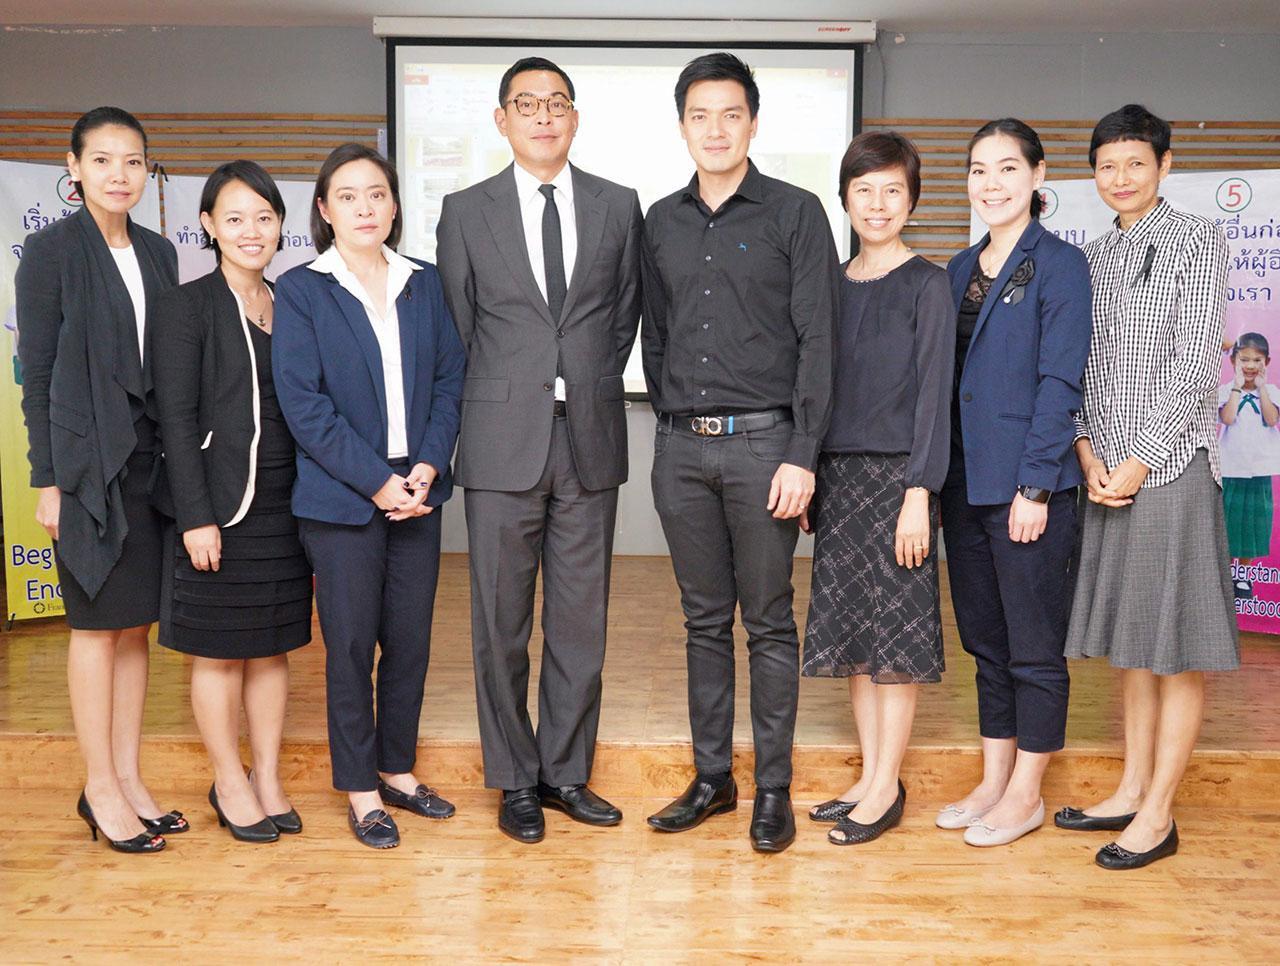 ต้นแบบ ดร.นาฎฤดี จิตรรังสรรค์ และ พันธ์นิวัติ ศรีไกรวิน ให้การต้อนรับคณะ กก.โรงเรียนประชารัฐ ของกลุ่มธุรกิจทรู ในโครงการปฏิรูปการศึกษาไทย ในโอกาสมาเยี่ยมชมโรงเรียนผู้นำต้นแบบ โดยมี ณัฐธีร์ โกศลพิศิษฐ์ และ วัฒนี ศรีไกรวิน มาร่วมงานด้วย ที่โรงเรียนสาธิตบางนา วันก่อน.